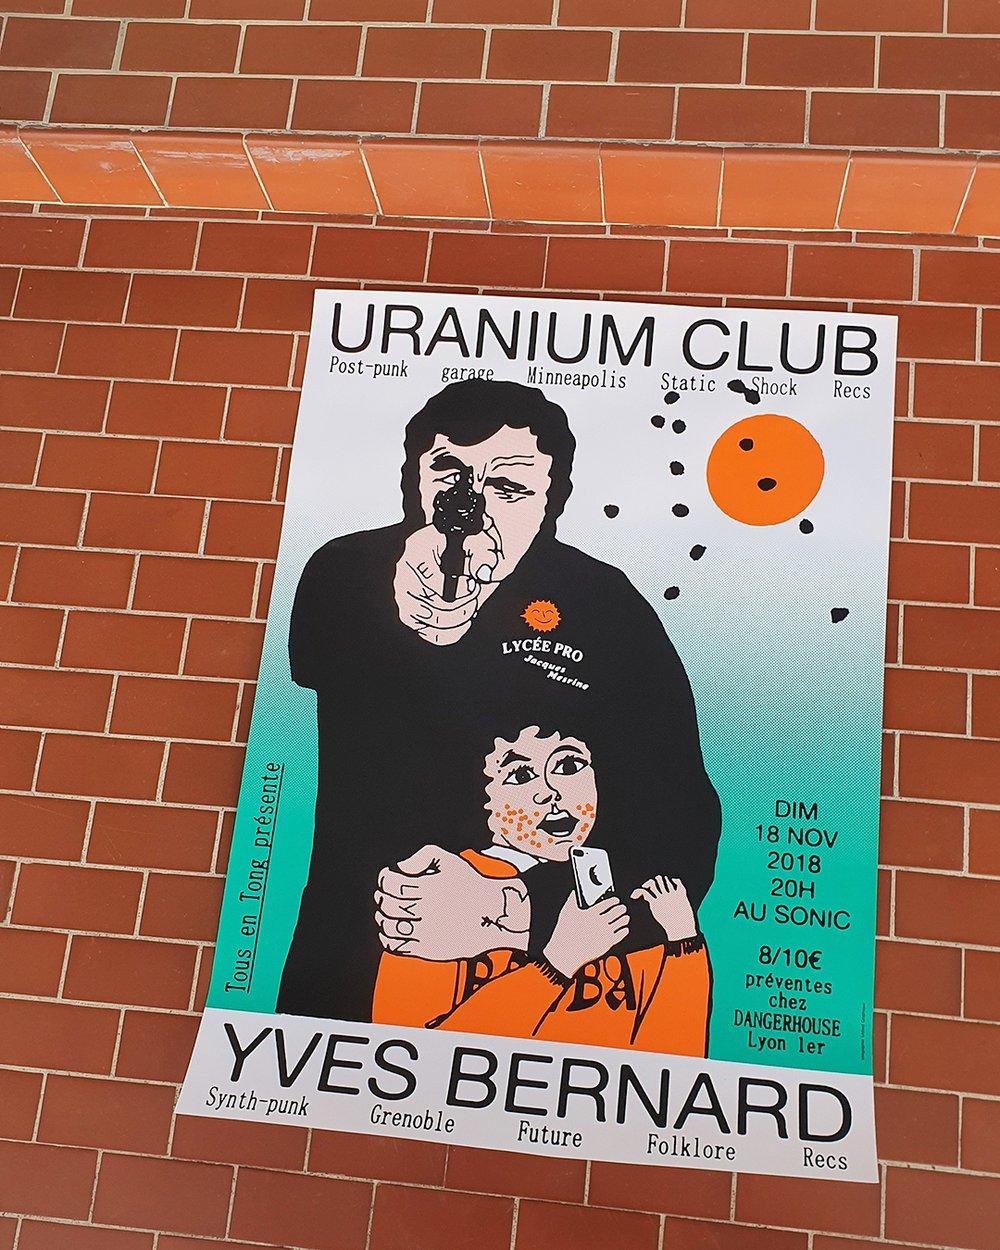 Uranium Club screen printed poster